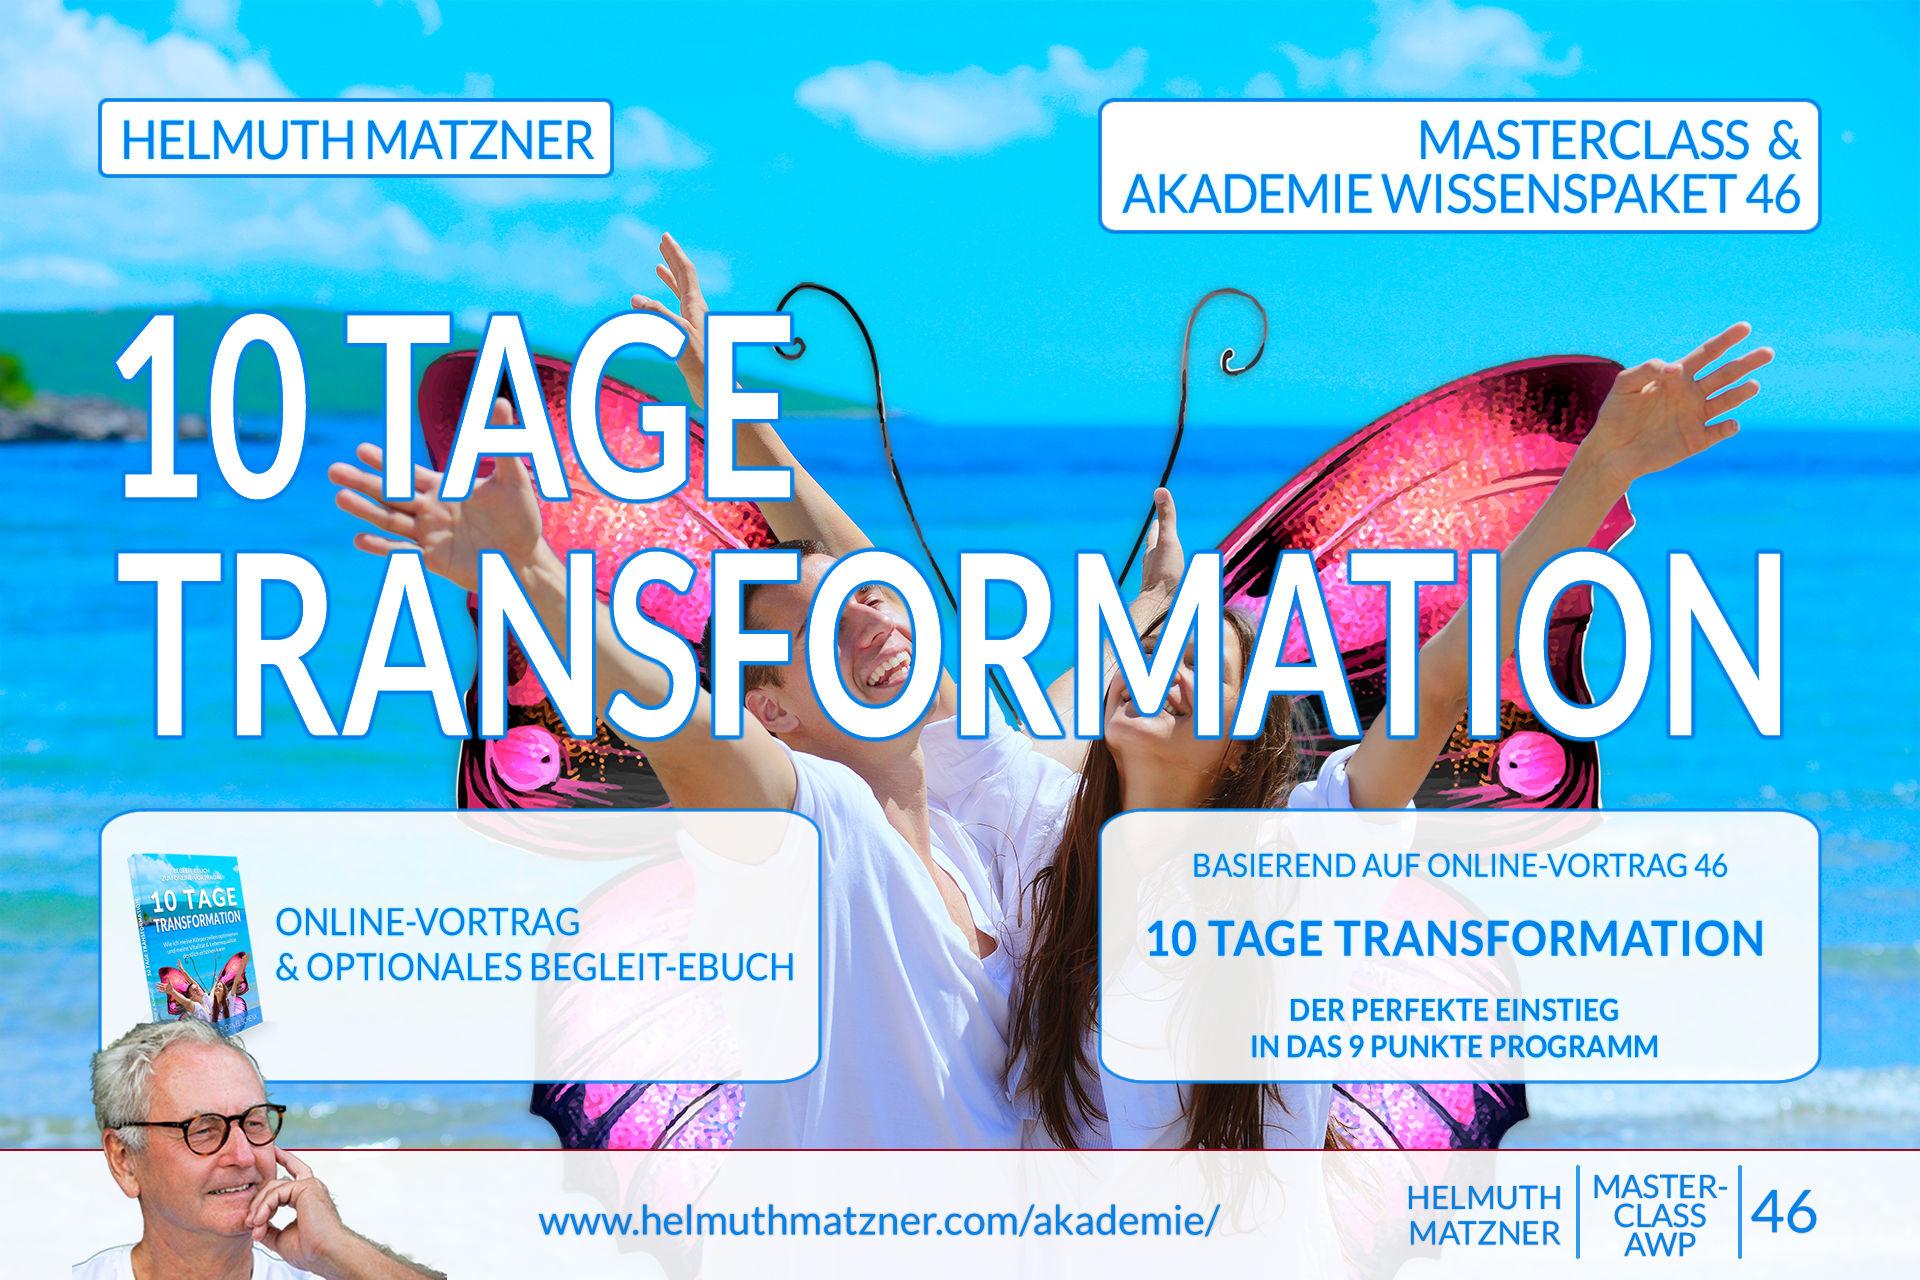 Helmuth Matzner - Masterclass & Akademie Wissenspaket 46 - 10 Tage Transformation - Akademie Banner v05C1